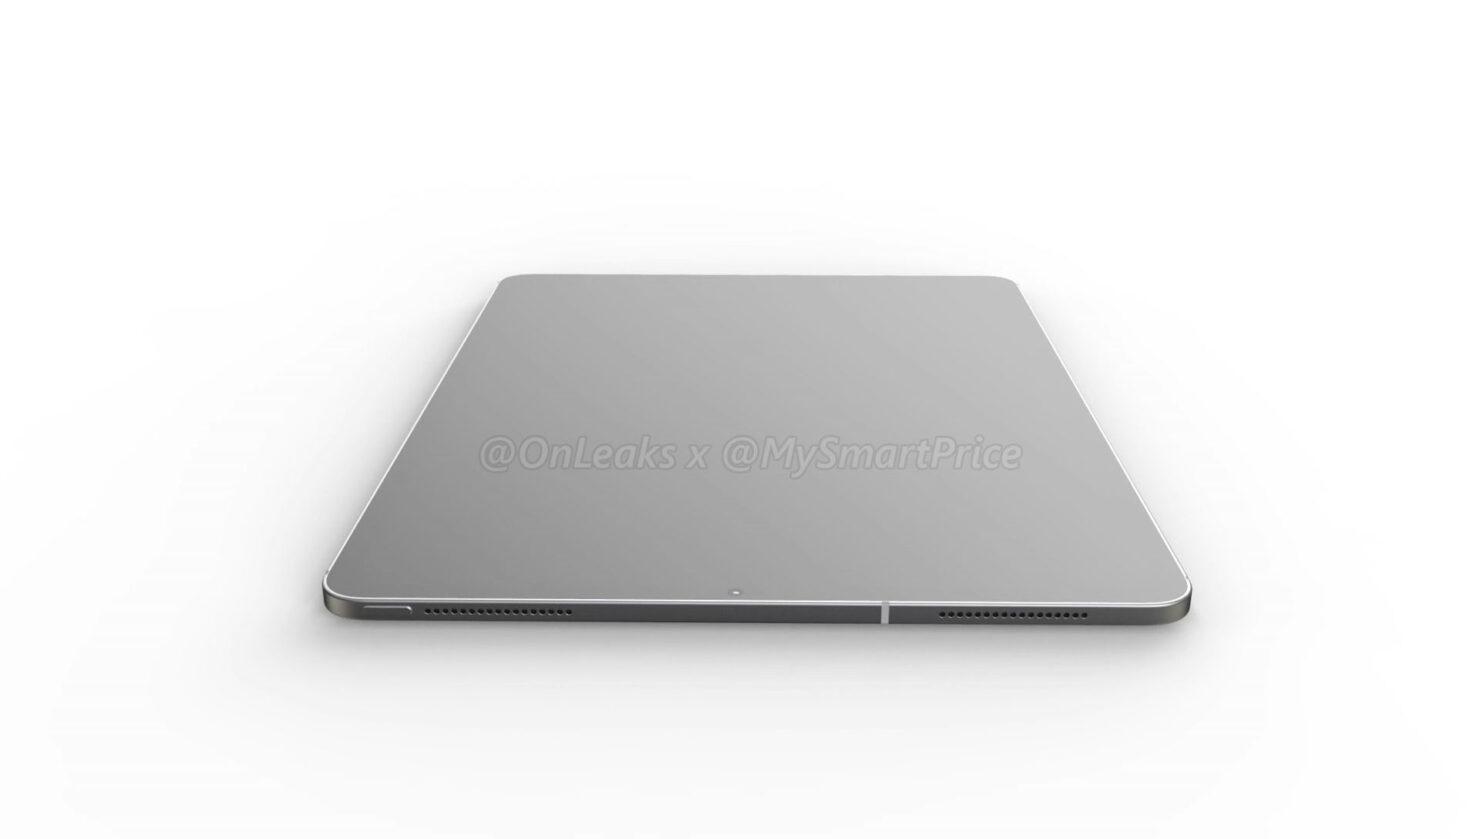 ipad-pro-12-9-inch-cad-renders-6